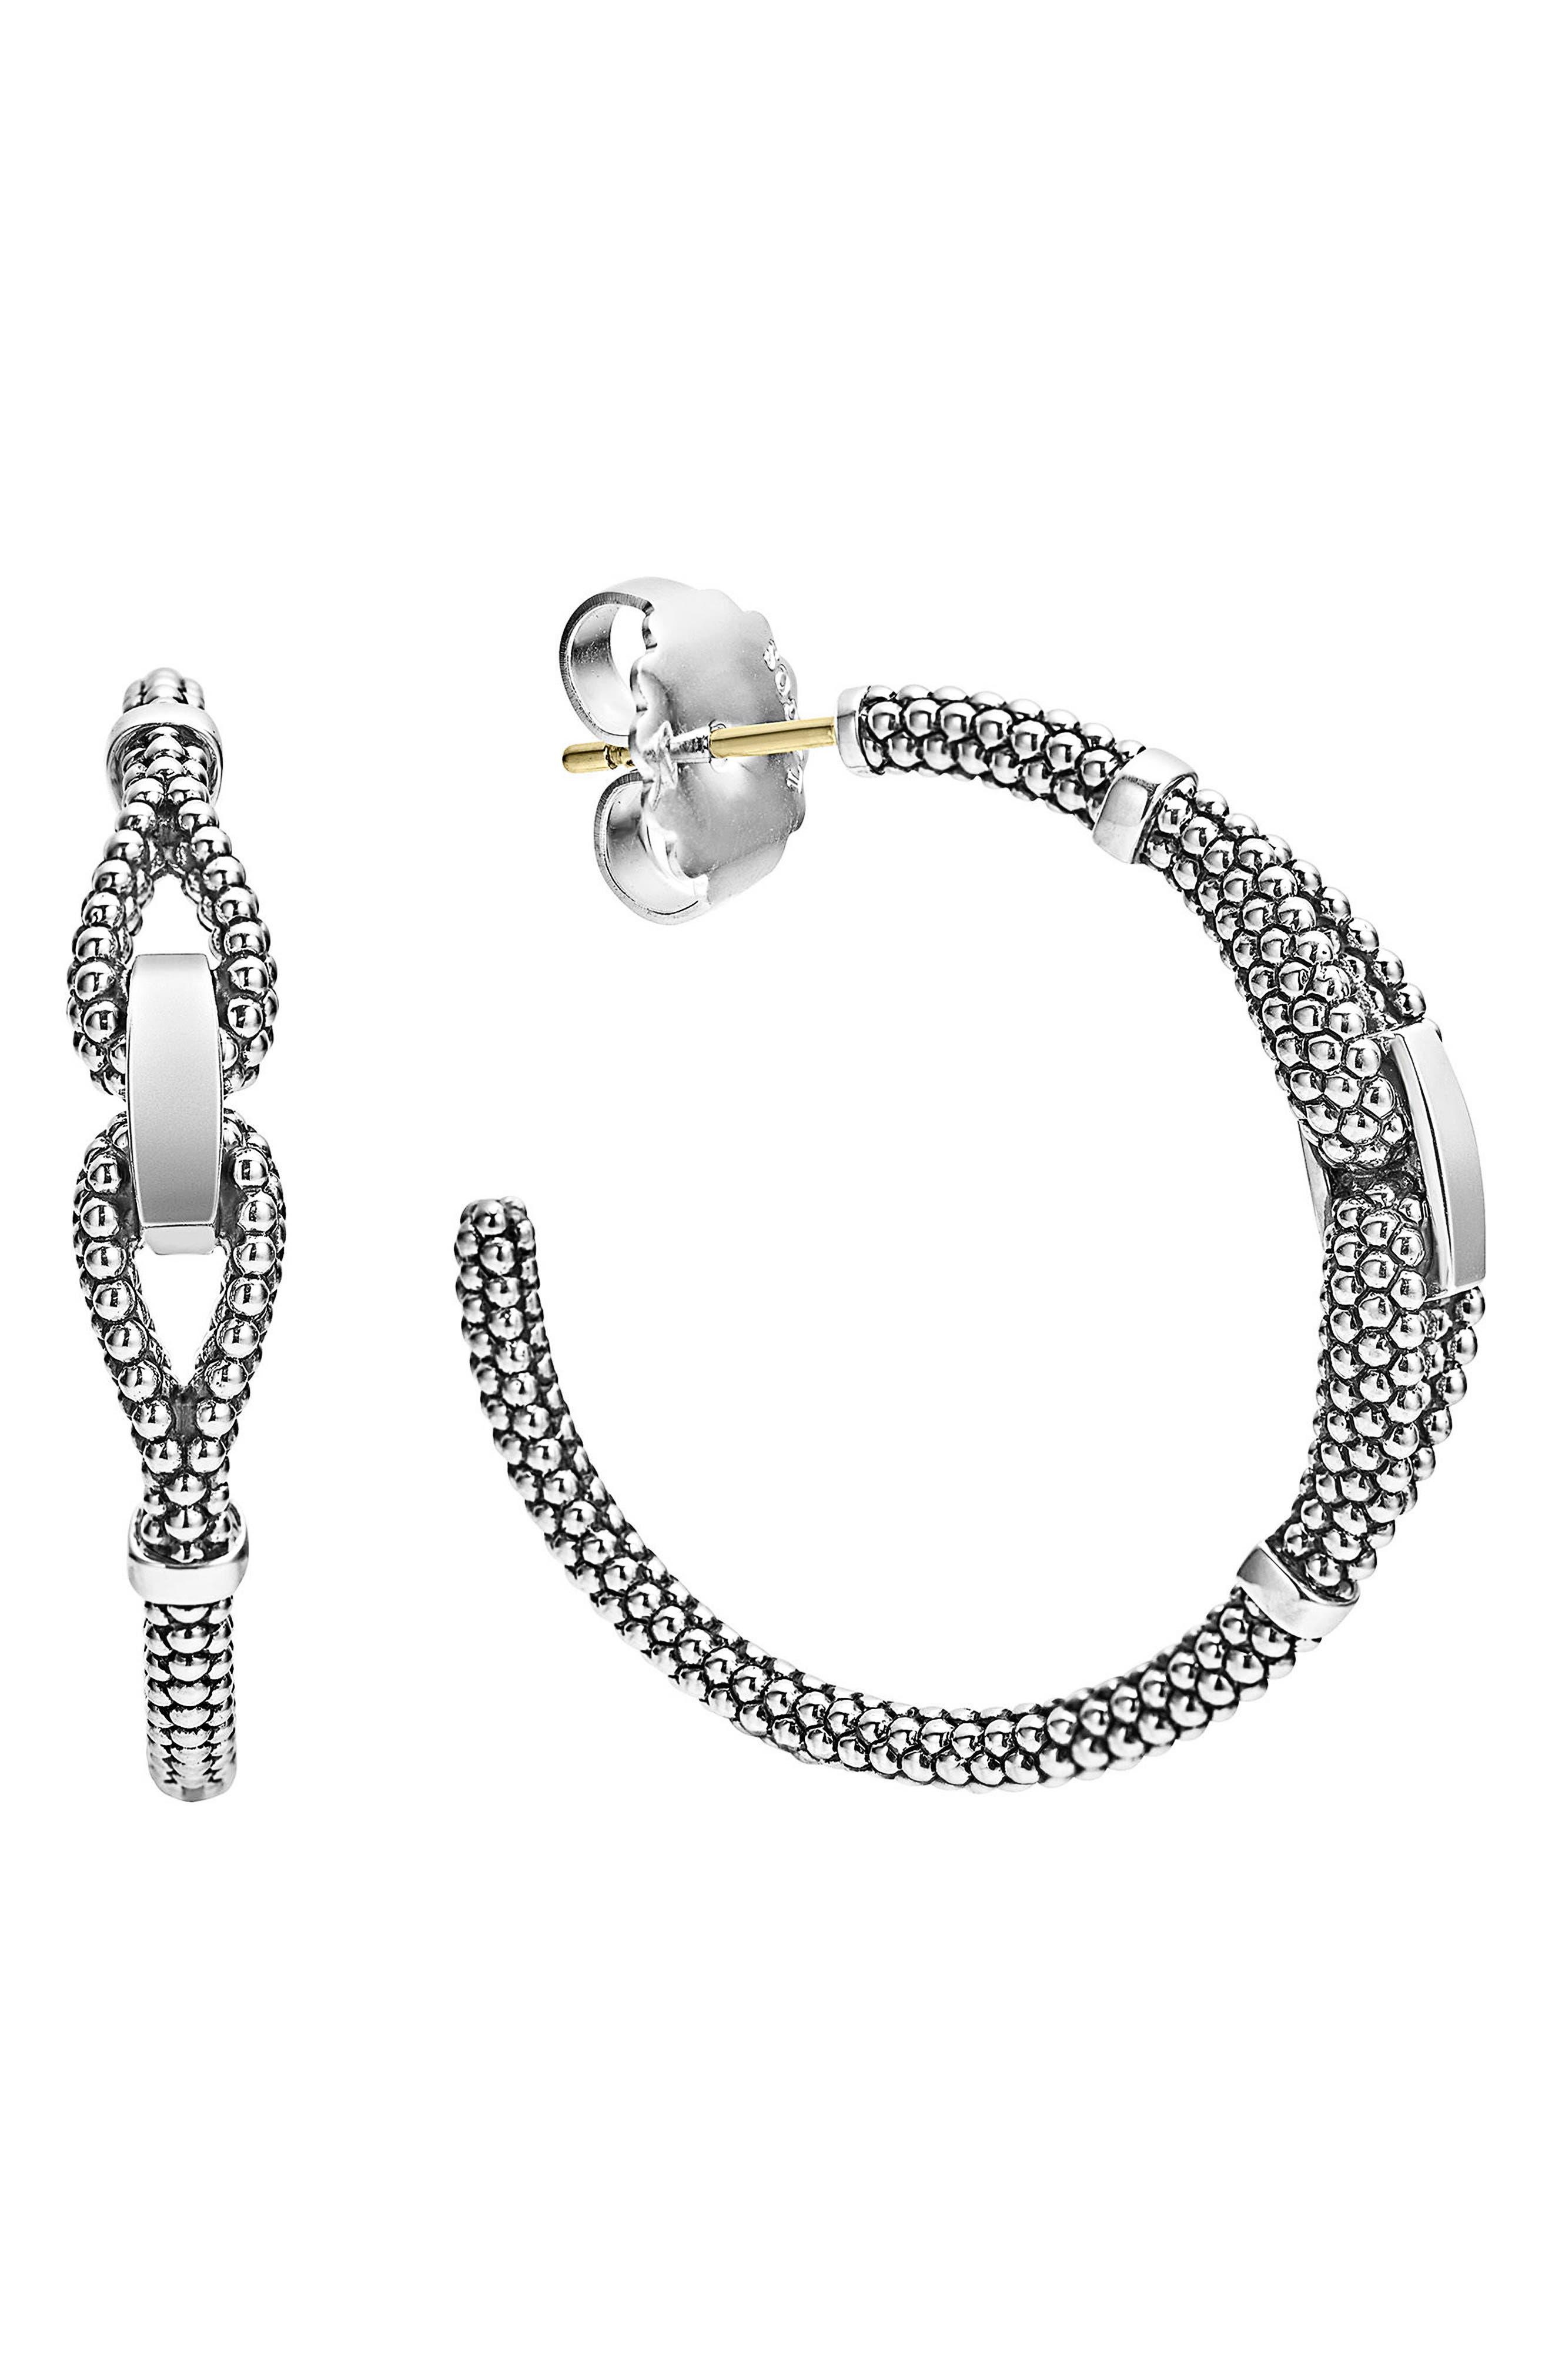 LAGOS Derby Caviar Hoop Earrings